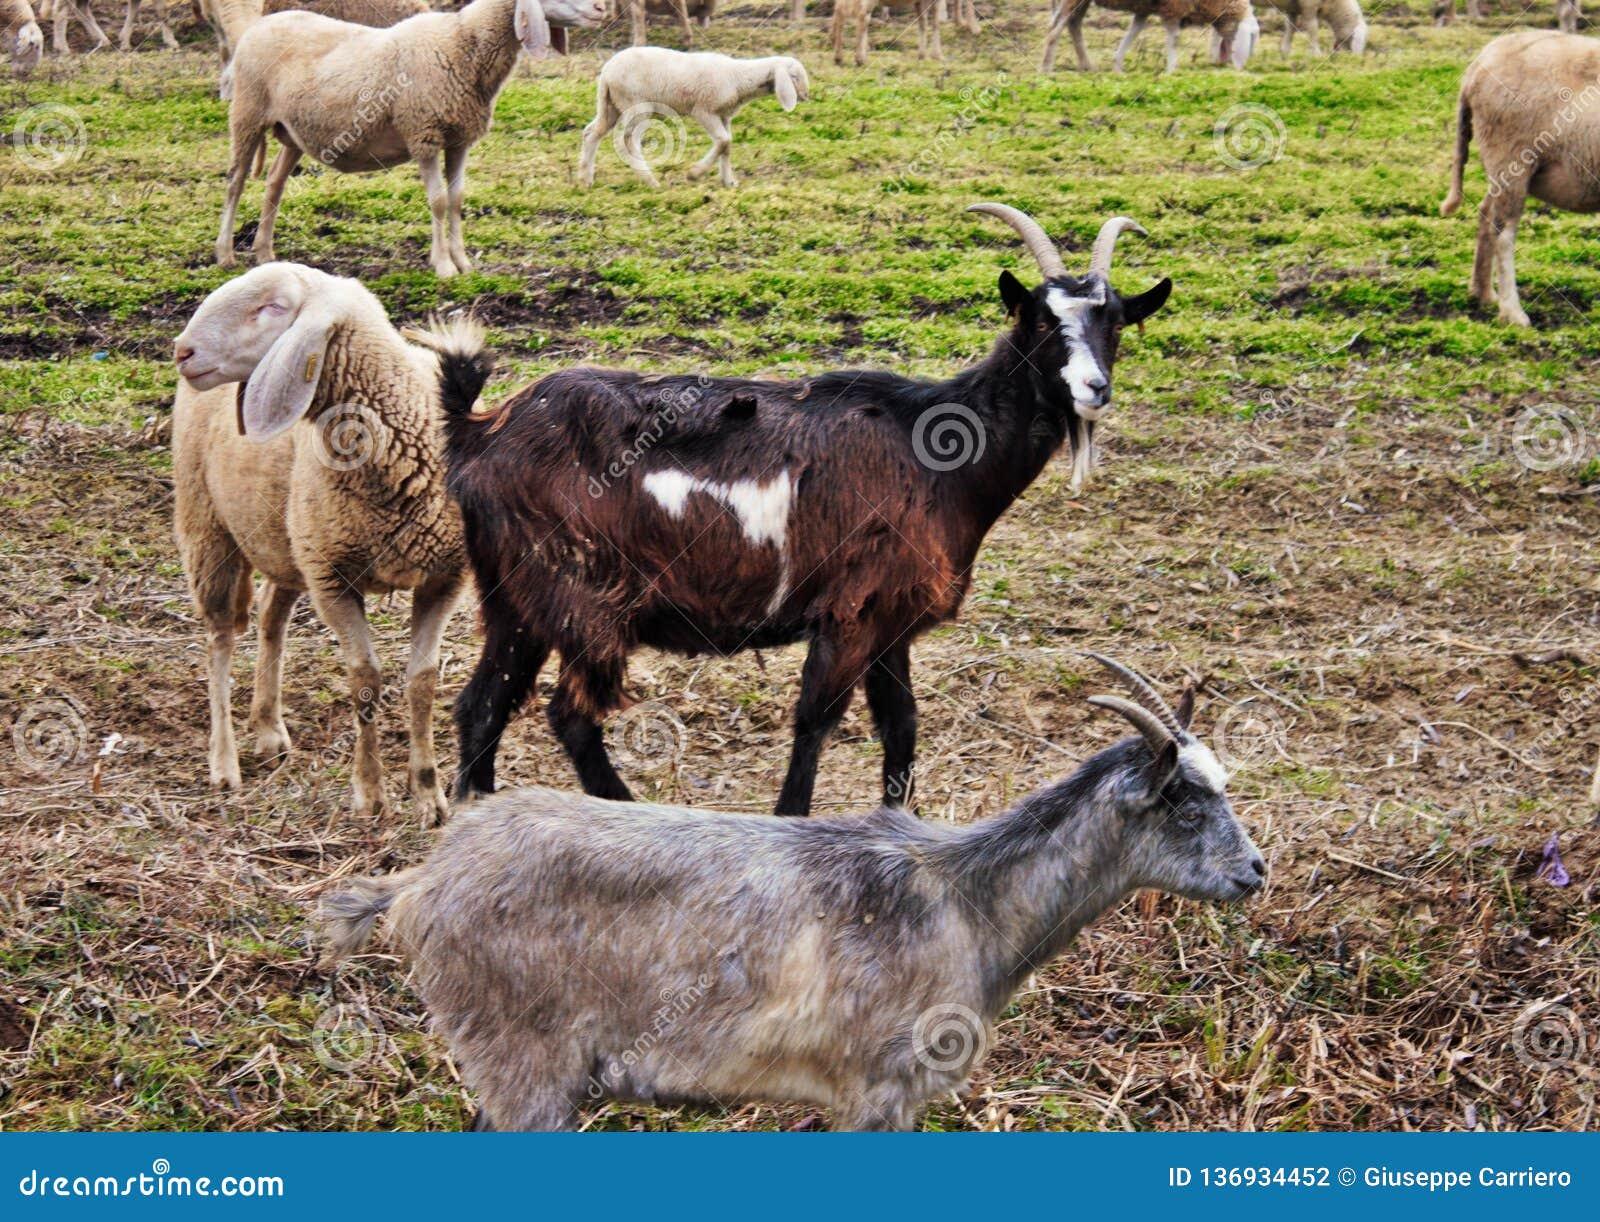 La moltitudine nella valle, le pecore e le capre sono mosse da un area verso un altra terra da parte a parte vuotata